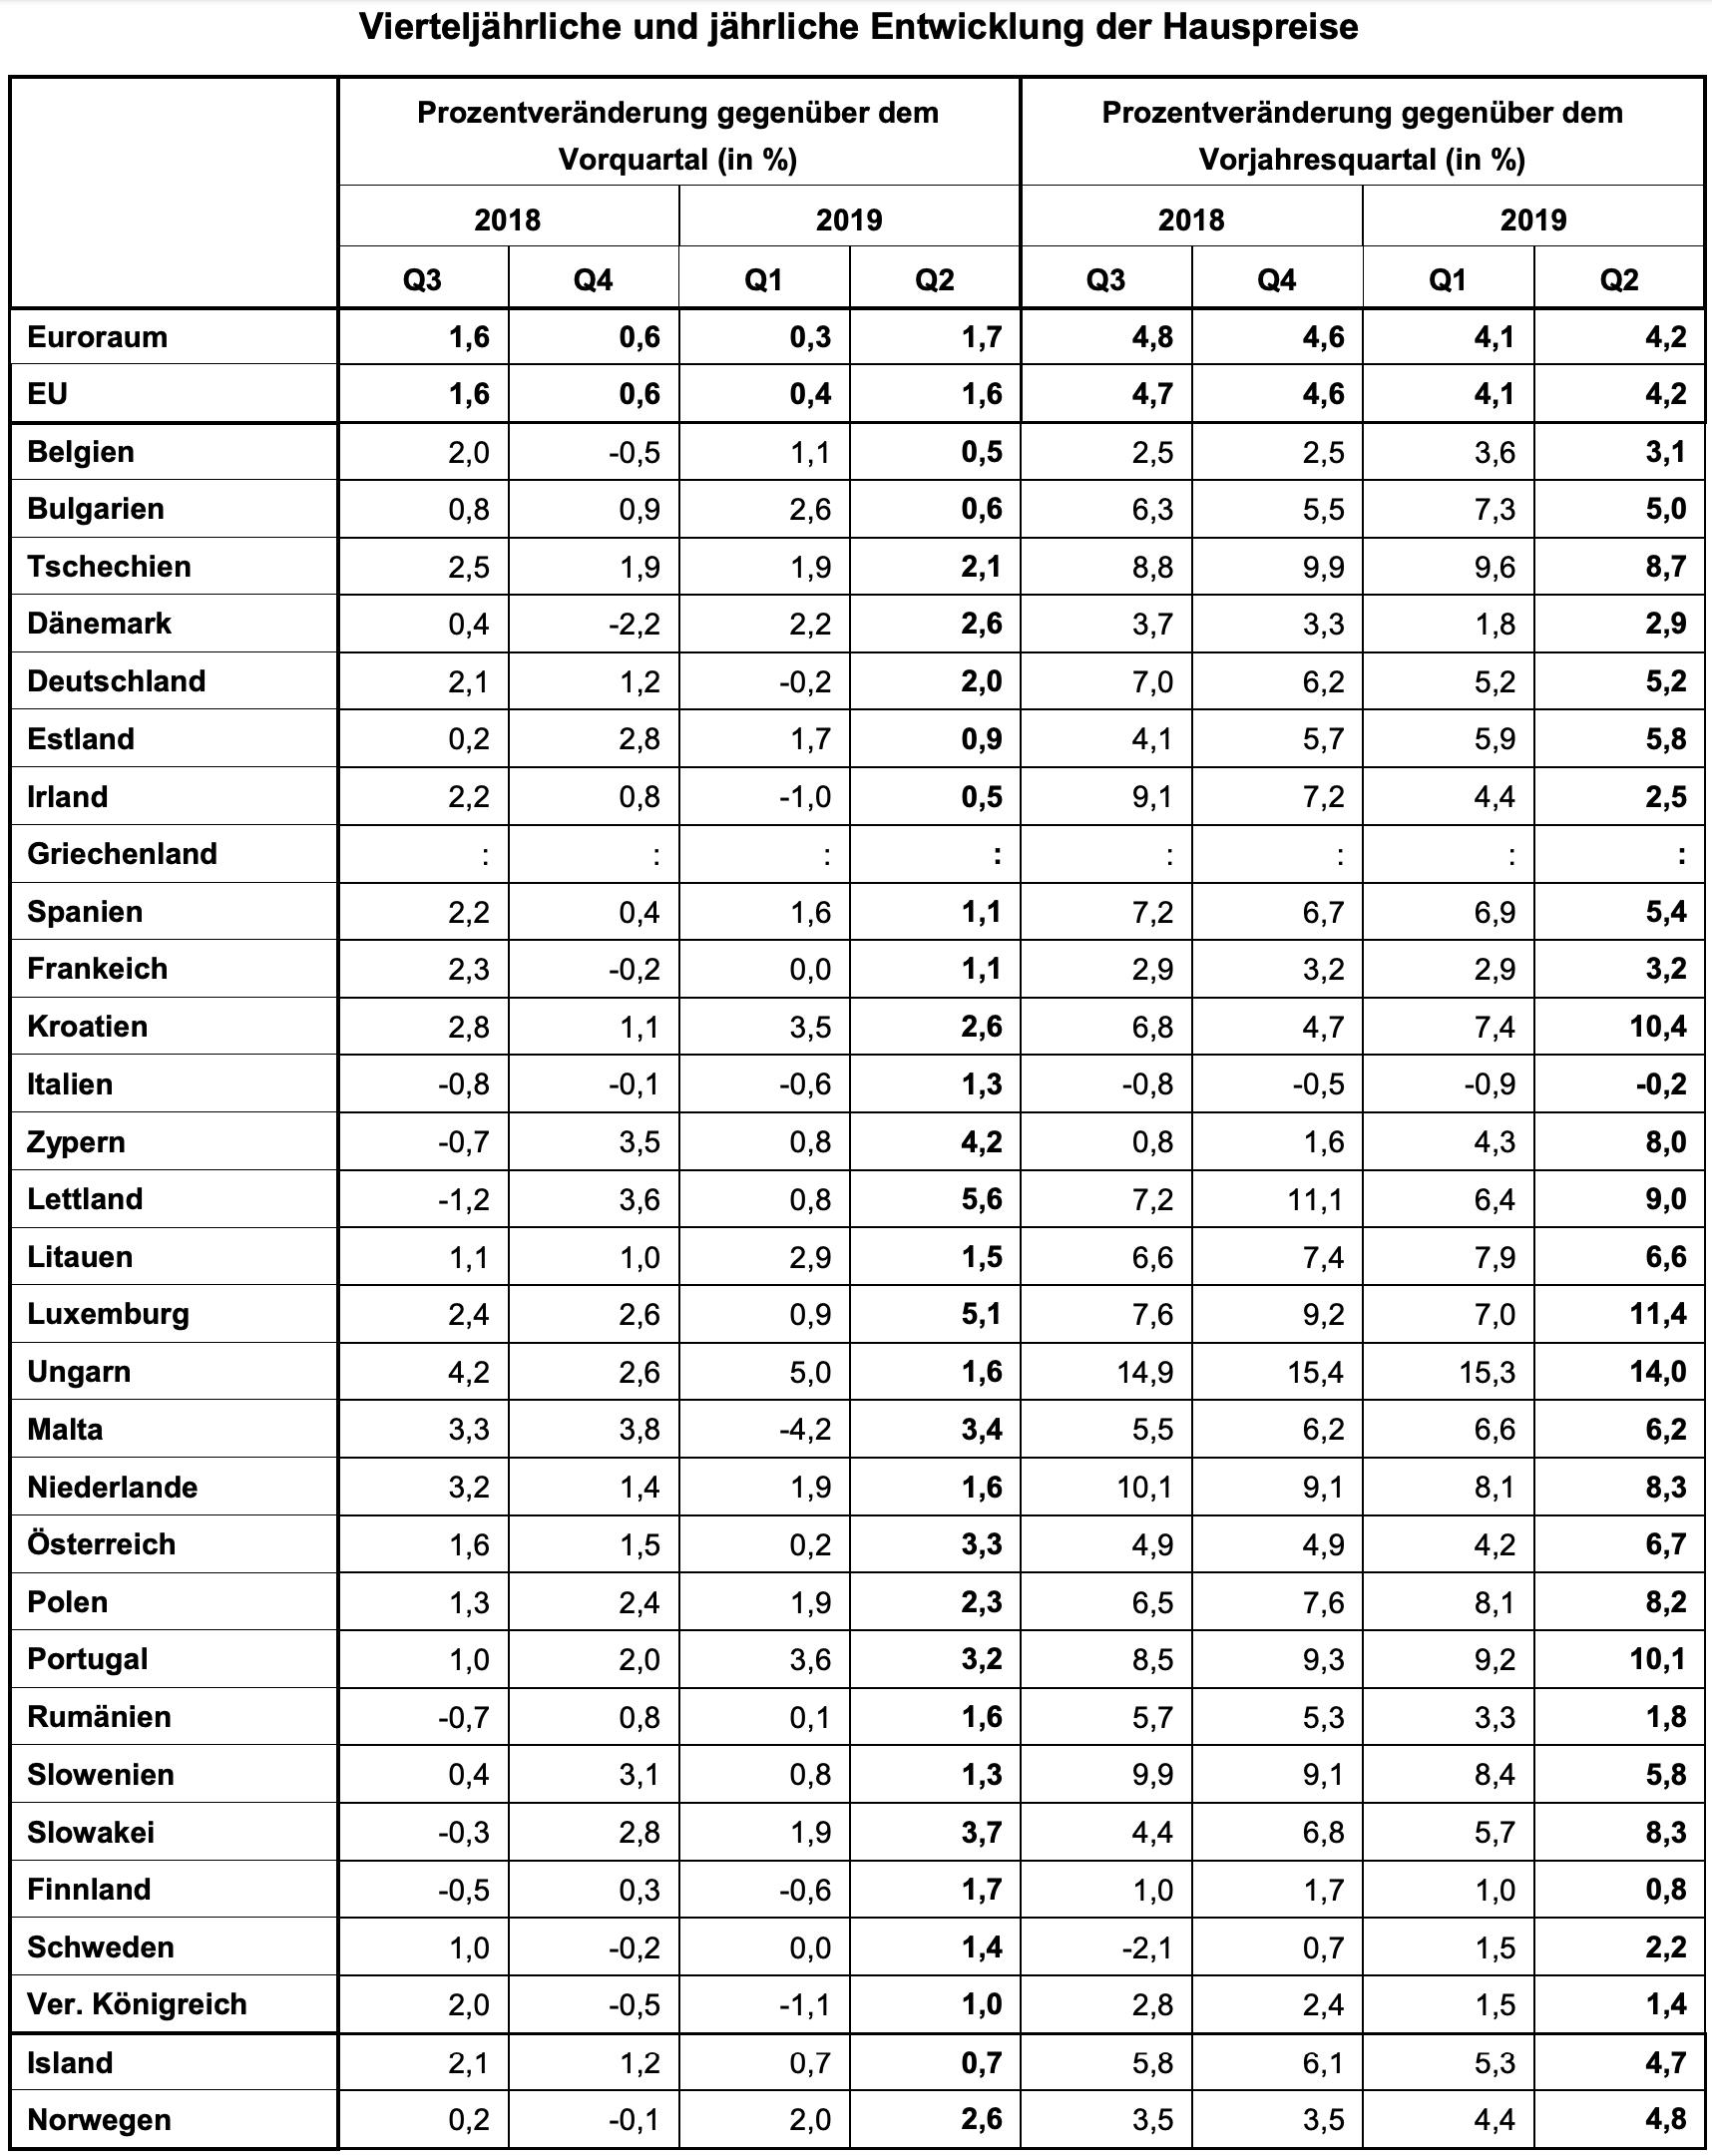 Immobilien - Hauspreise in Europa